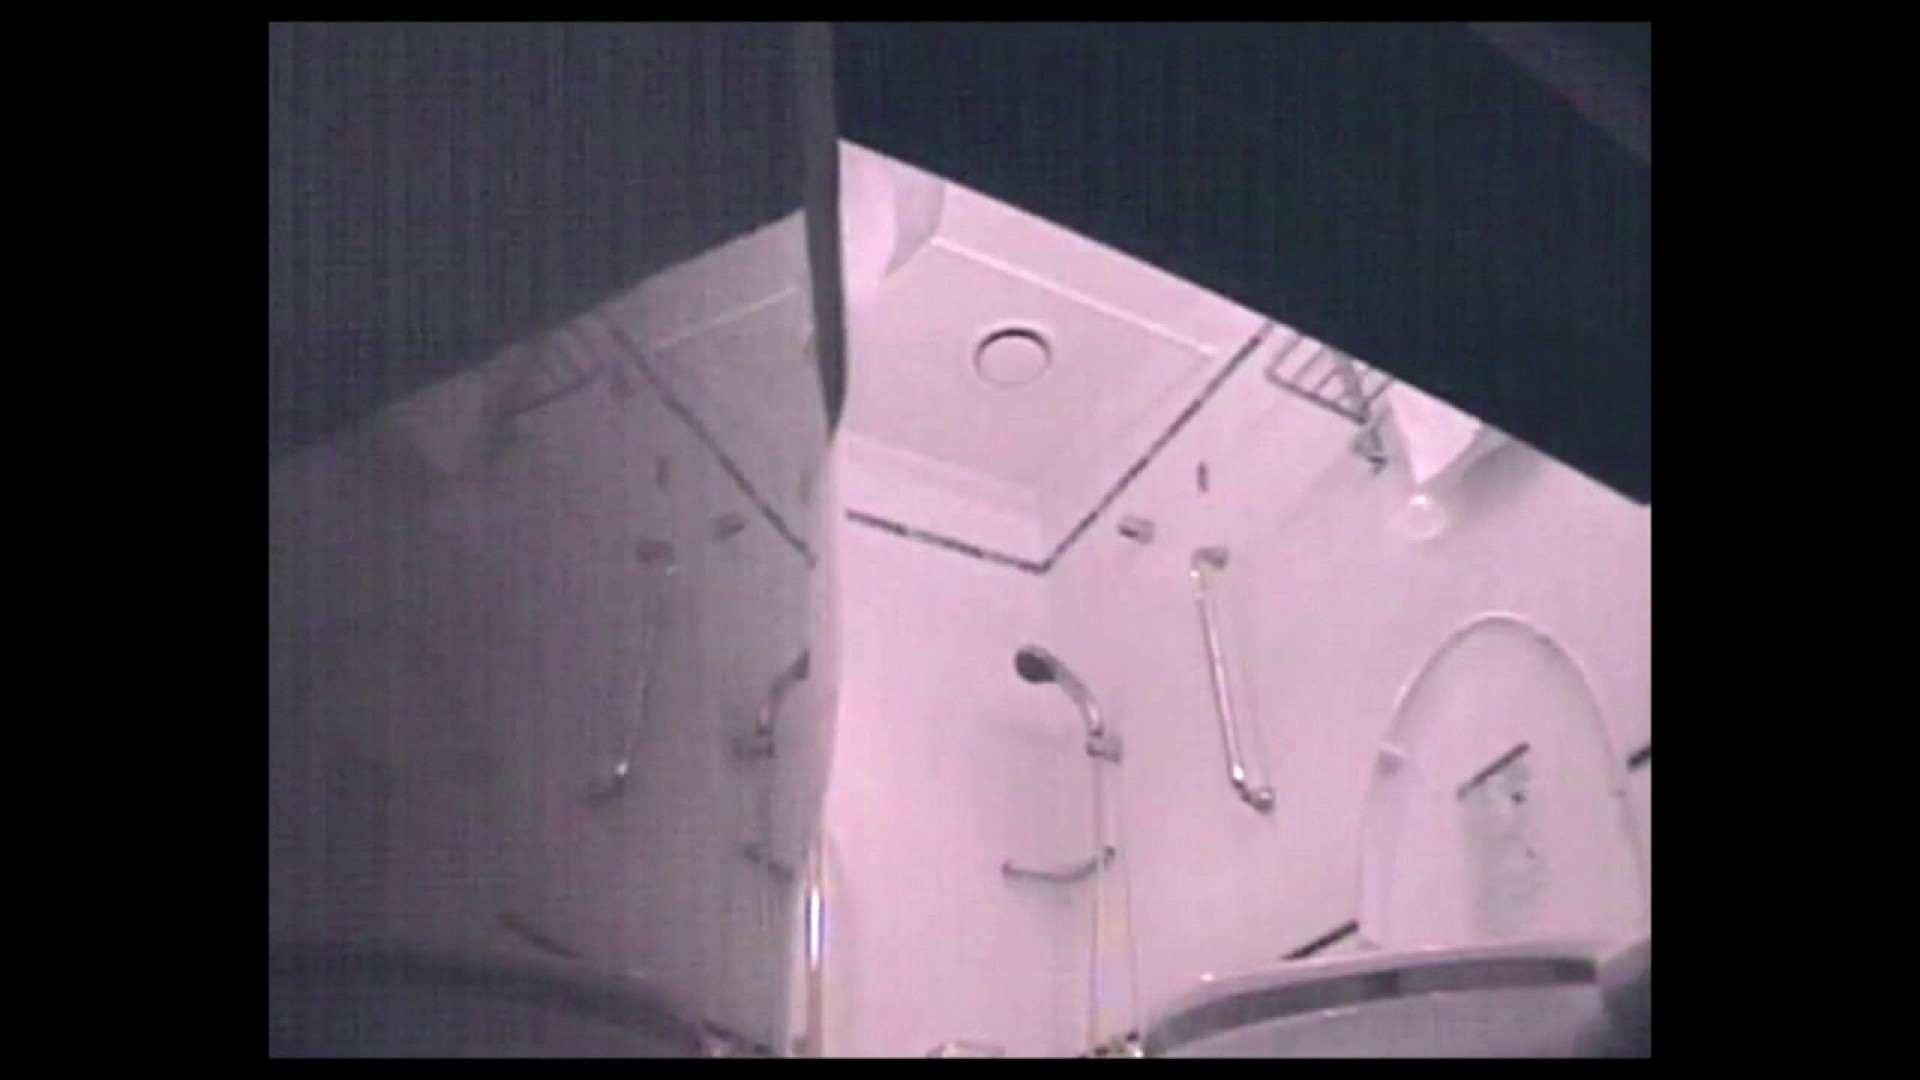 【限定】 闇の花道 Vol.19 影対某芸能関係者 美乳 おめこ無修正動画無料 108枚 46